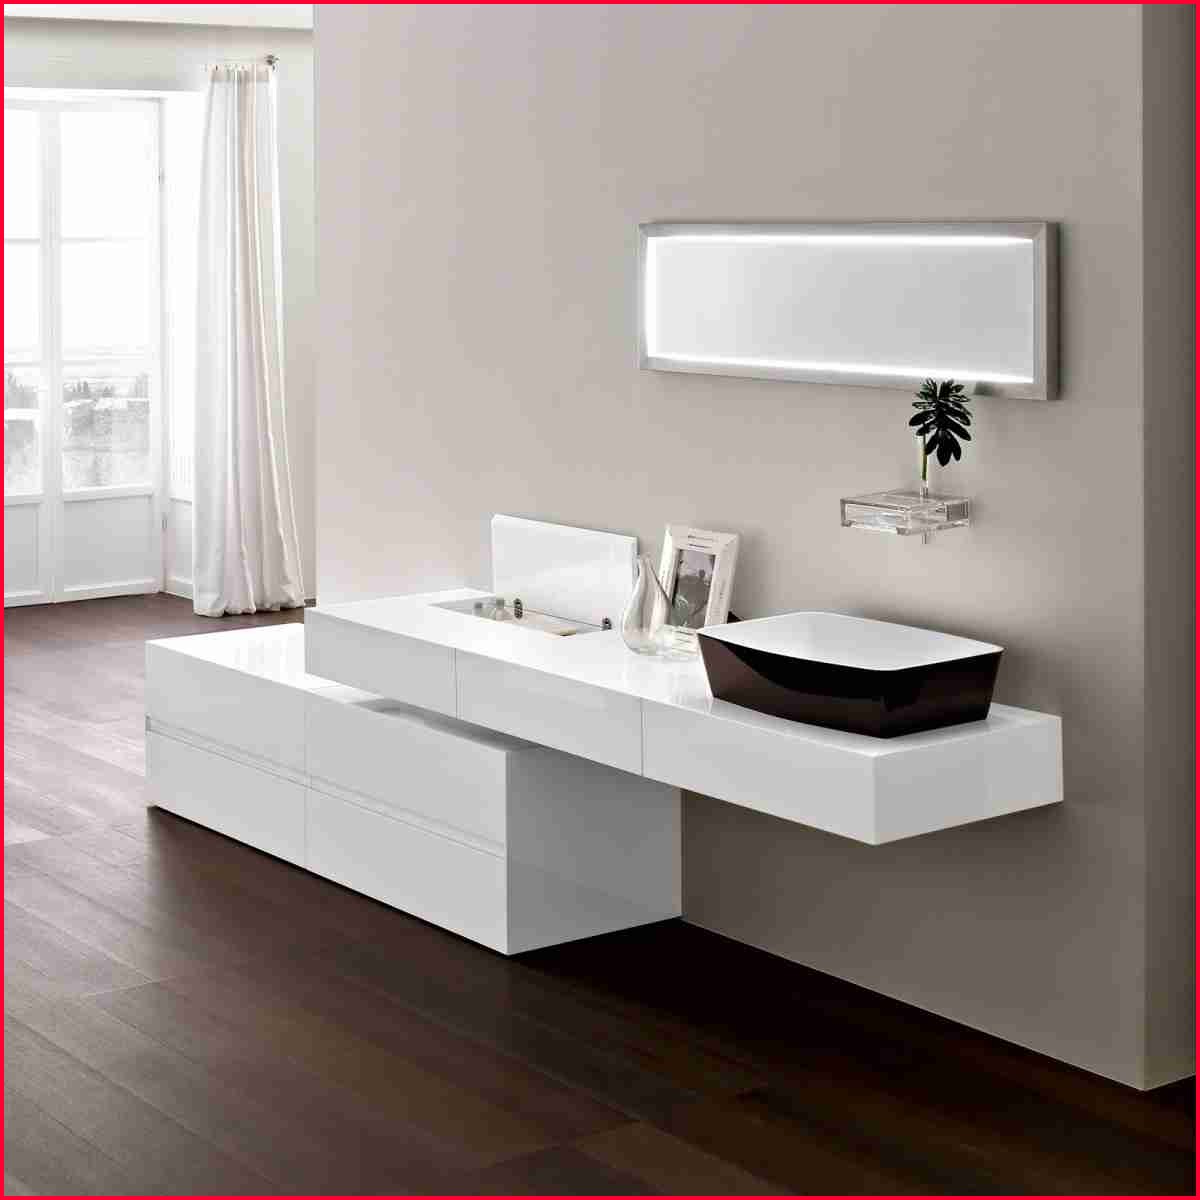 Muebles De Baño Amazon Tldn Muebles Para Baà O Magnifique Muebles De Banos Modernos Para Ba